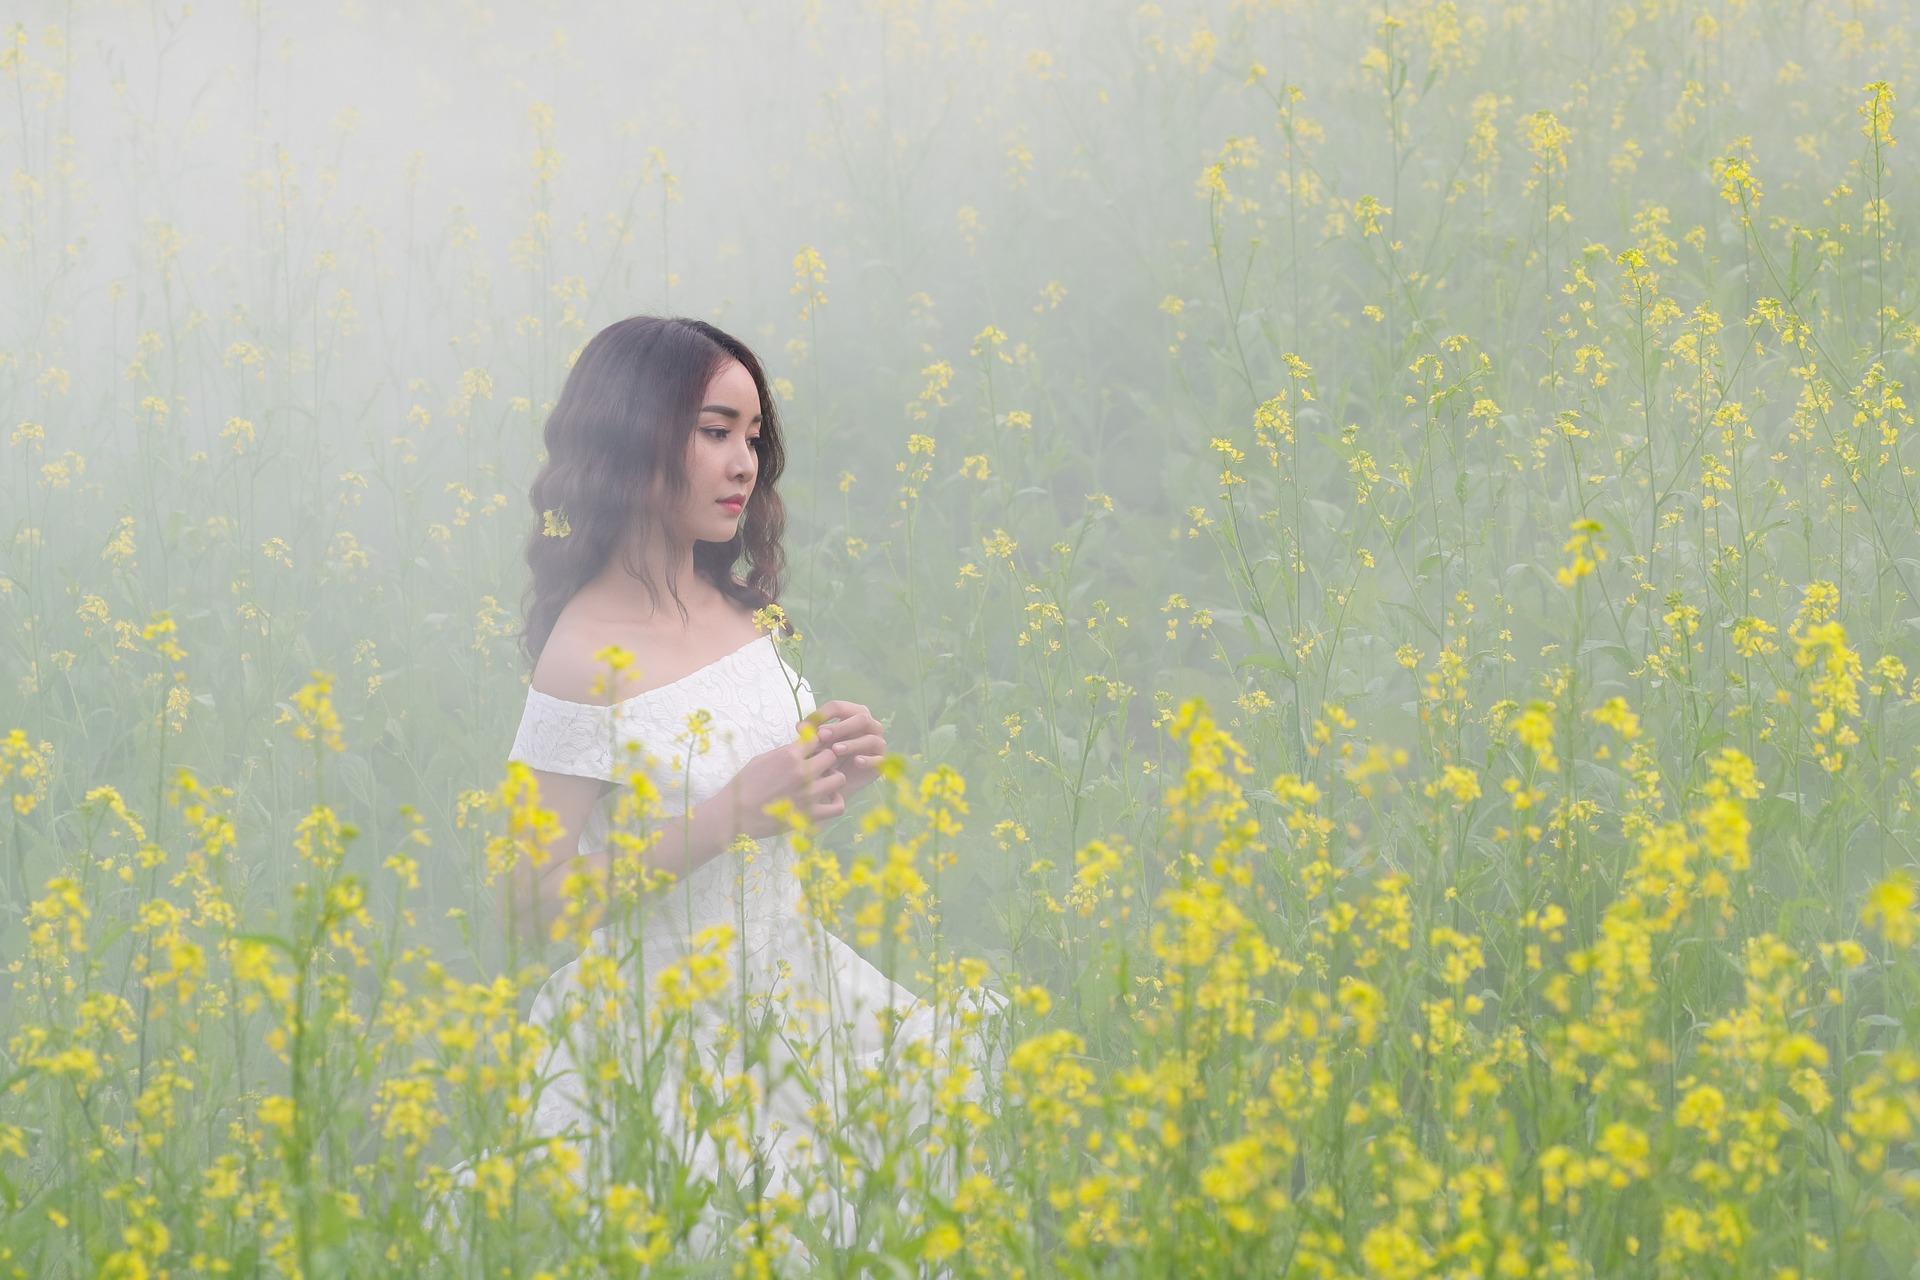 Ja, ich bin Frau! Frühling – Körper – Natur